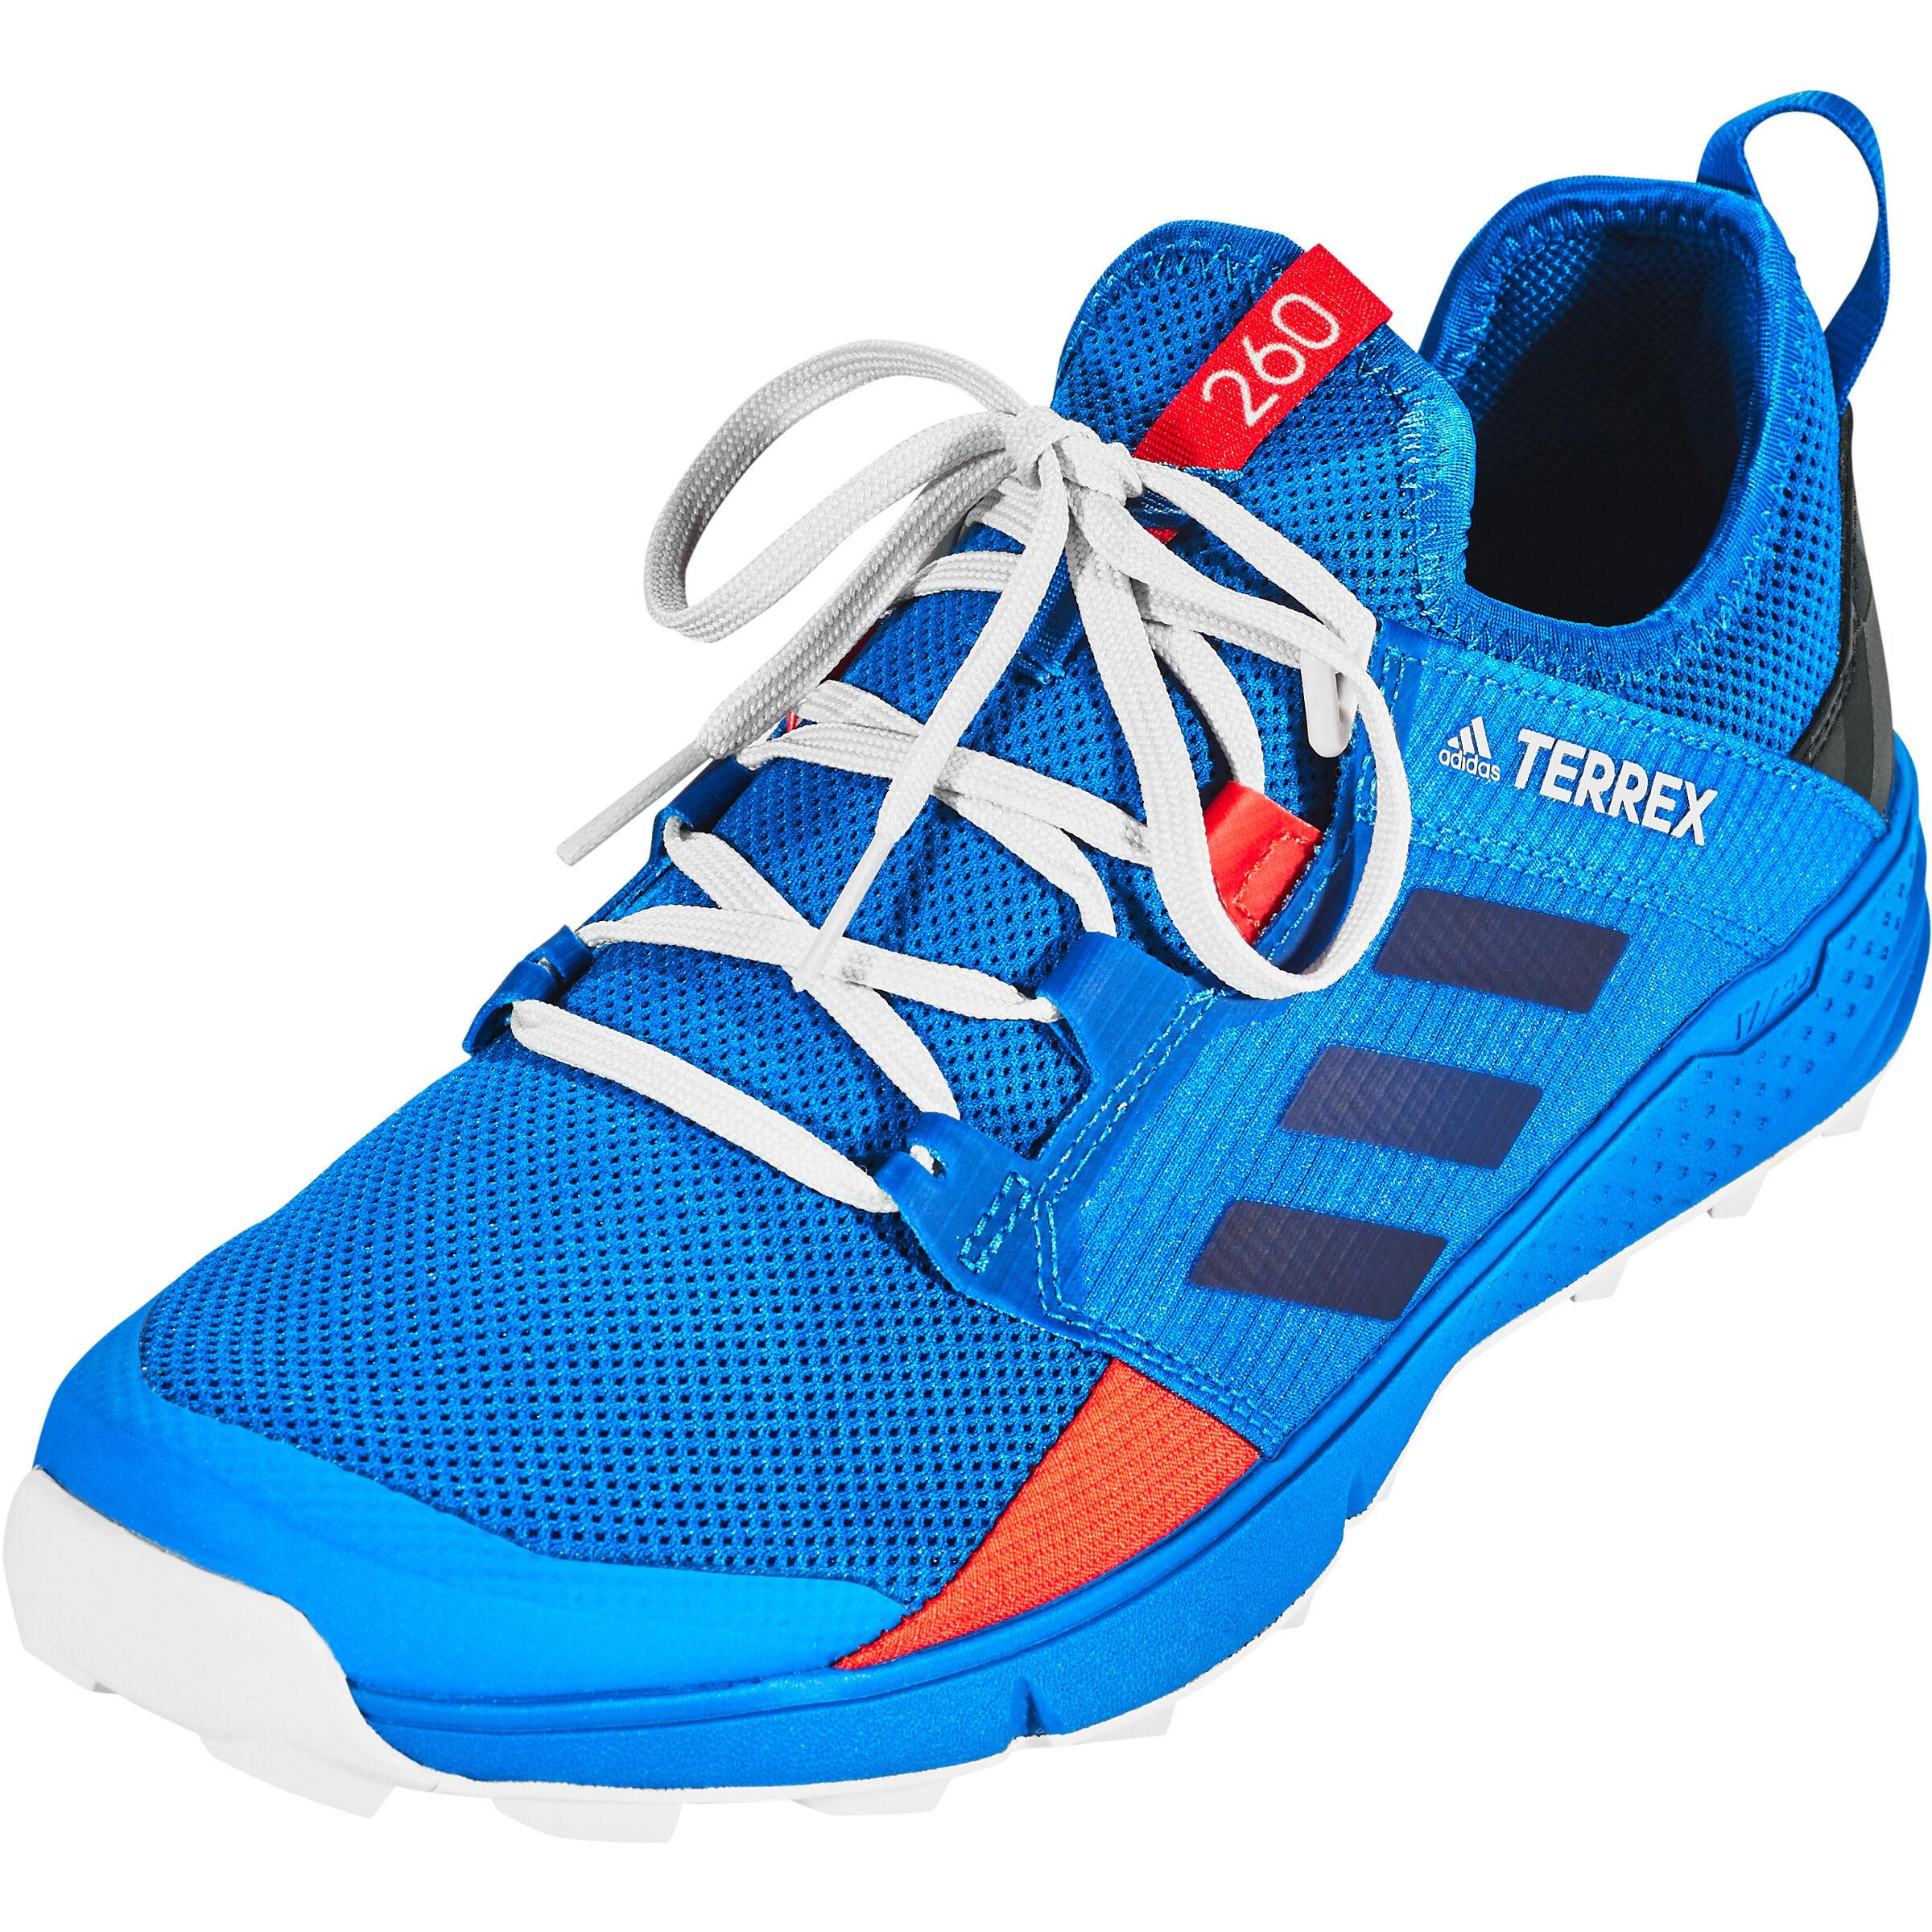 adidas TERREX Speed LD Schuhe Herren blue beautylegend inkactive red